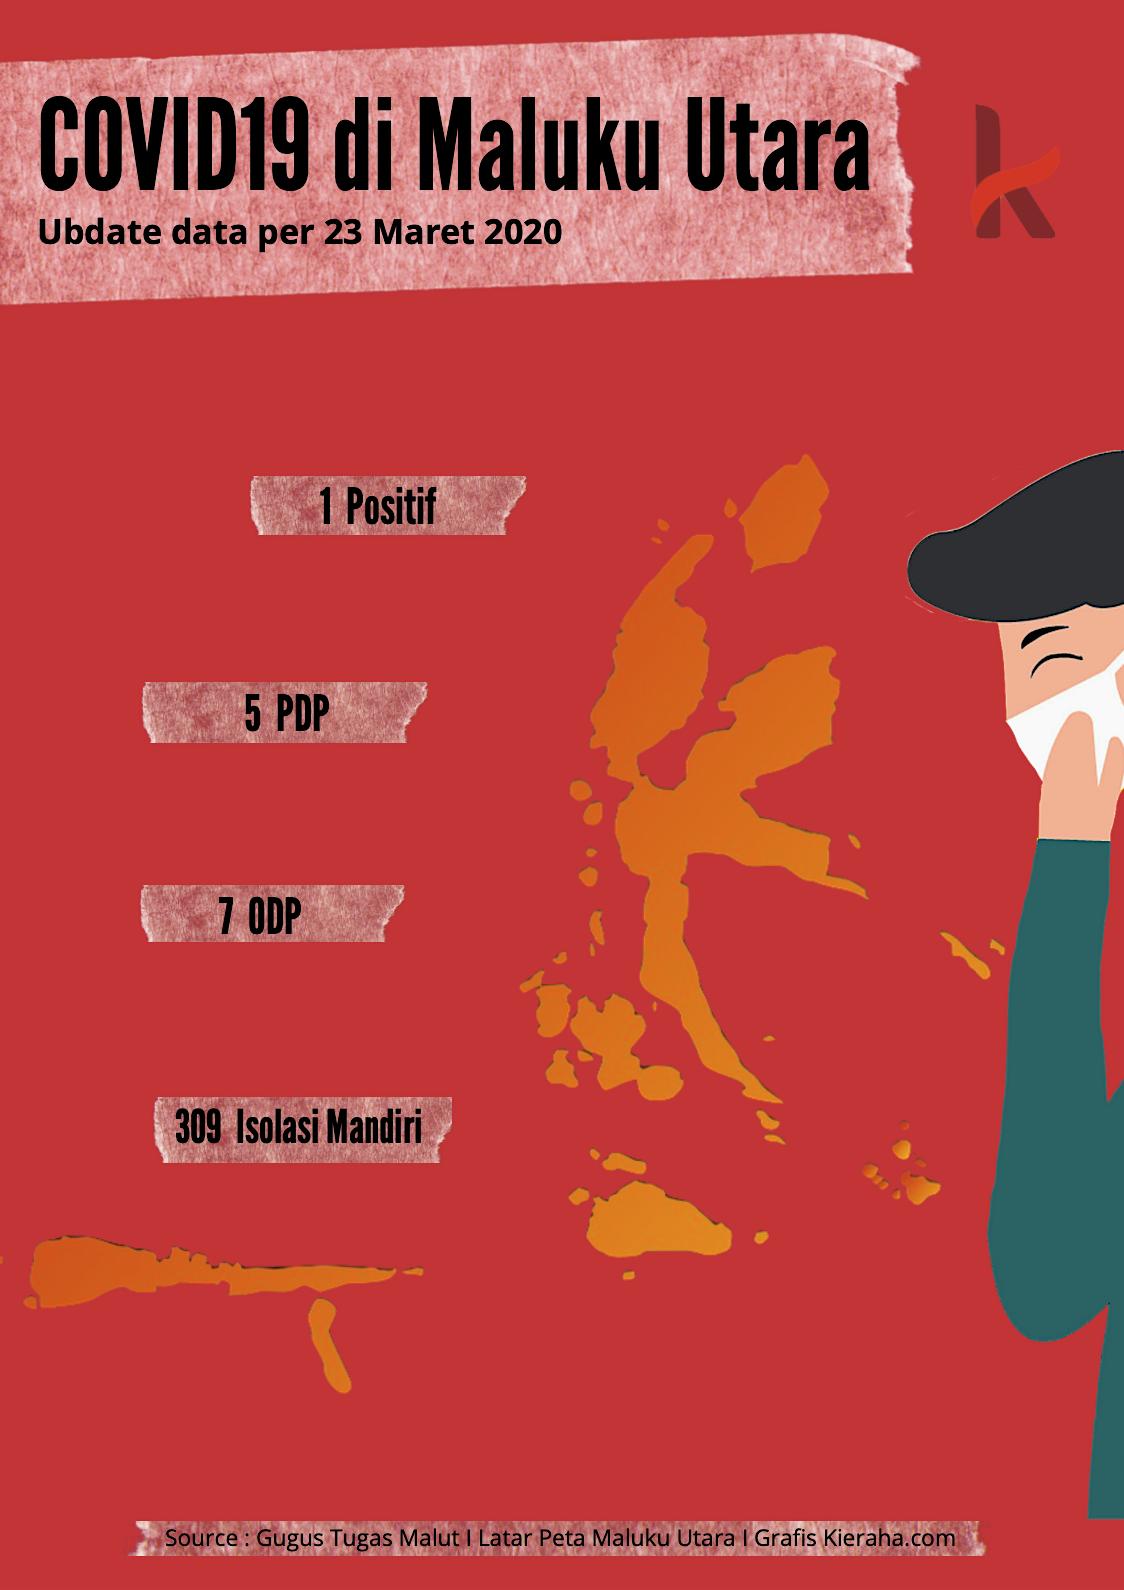 1 PDP di Maluku Utara Positif COVID19 Setelah 2 Hari Pulang ke Rumah